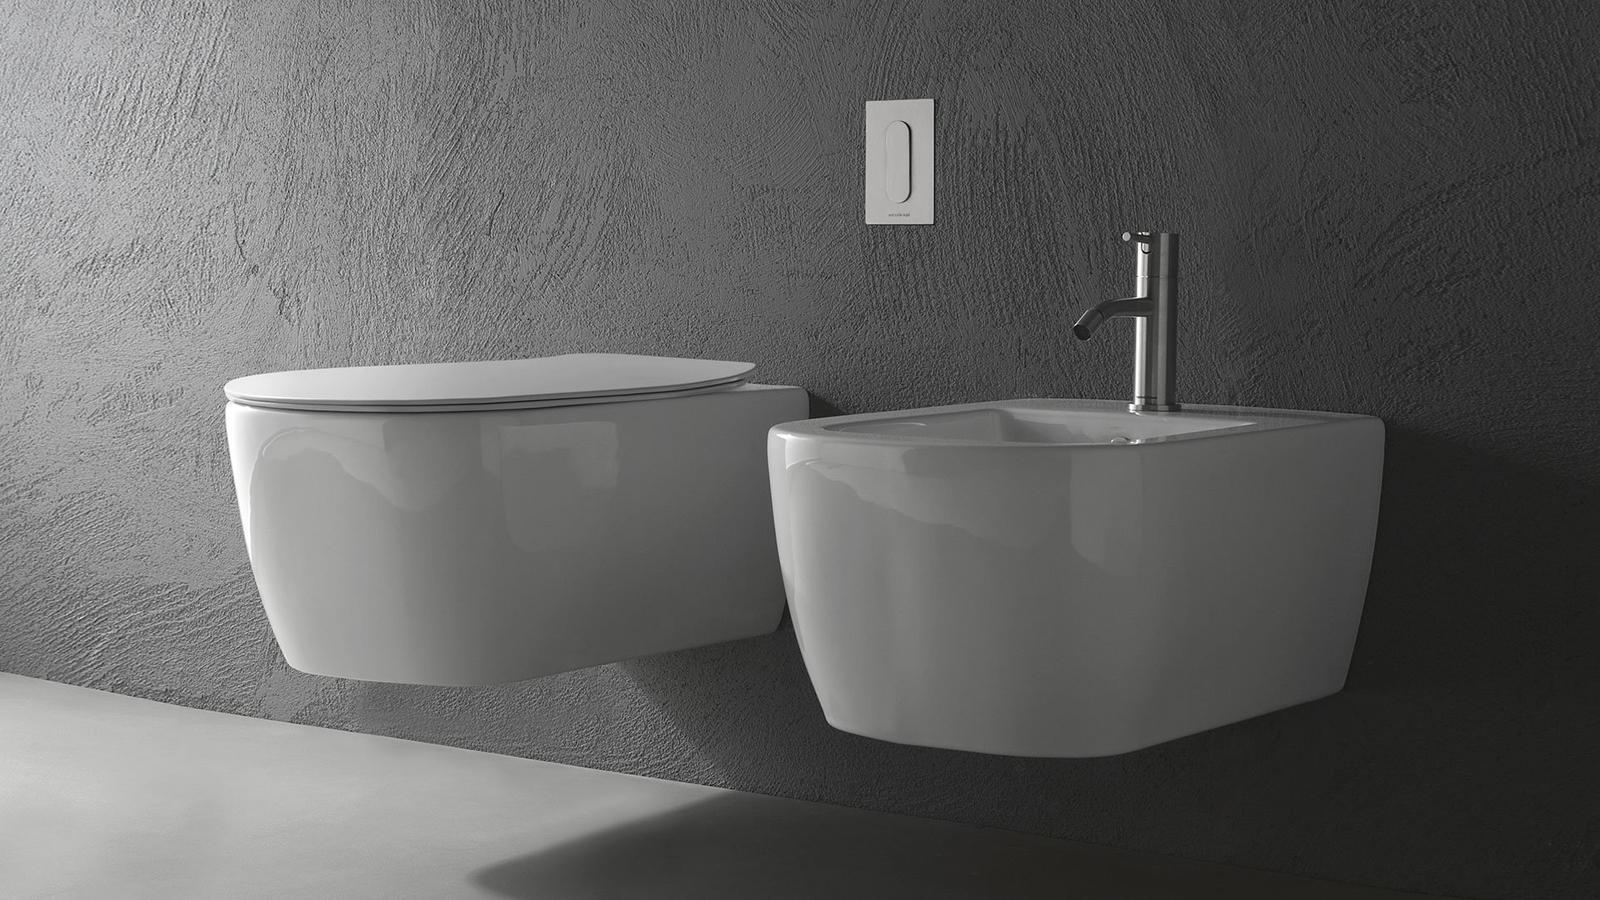 Egyenes vonalak, és lágy, legömbölyített felszín ötvözete a Komodo, mely a kortárs belsőépítészeti stílusok döntő többségéhez remekül illeszkedik. A függesztett wc-kagyló család fényes vagy matt kerámiából is elérhető, és bidé változatban is kapható.